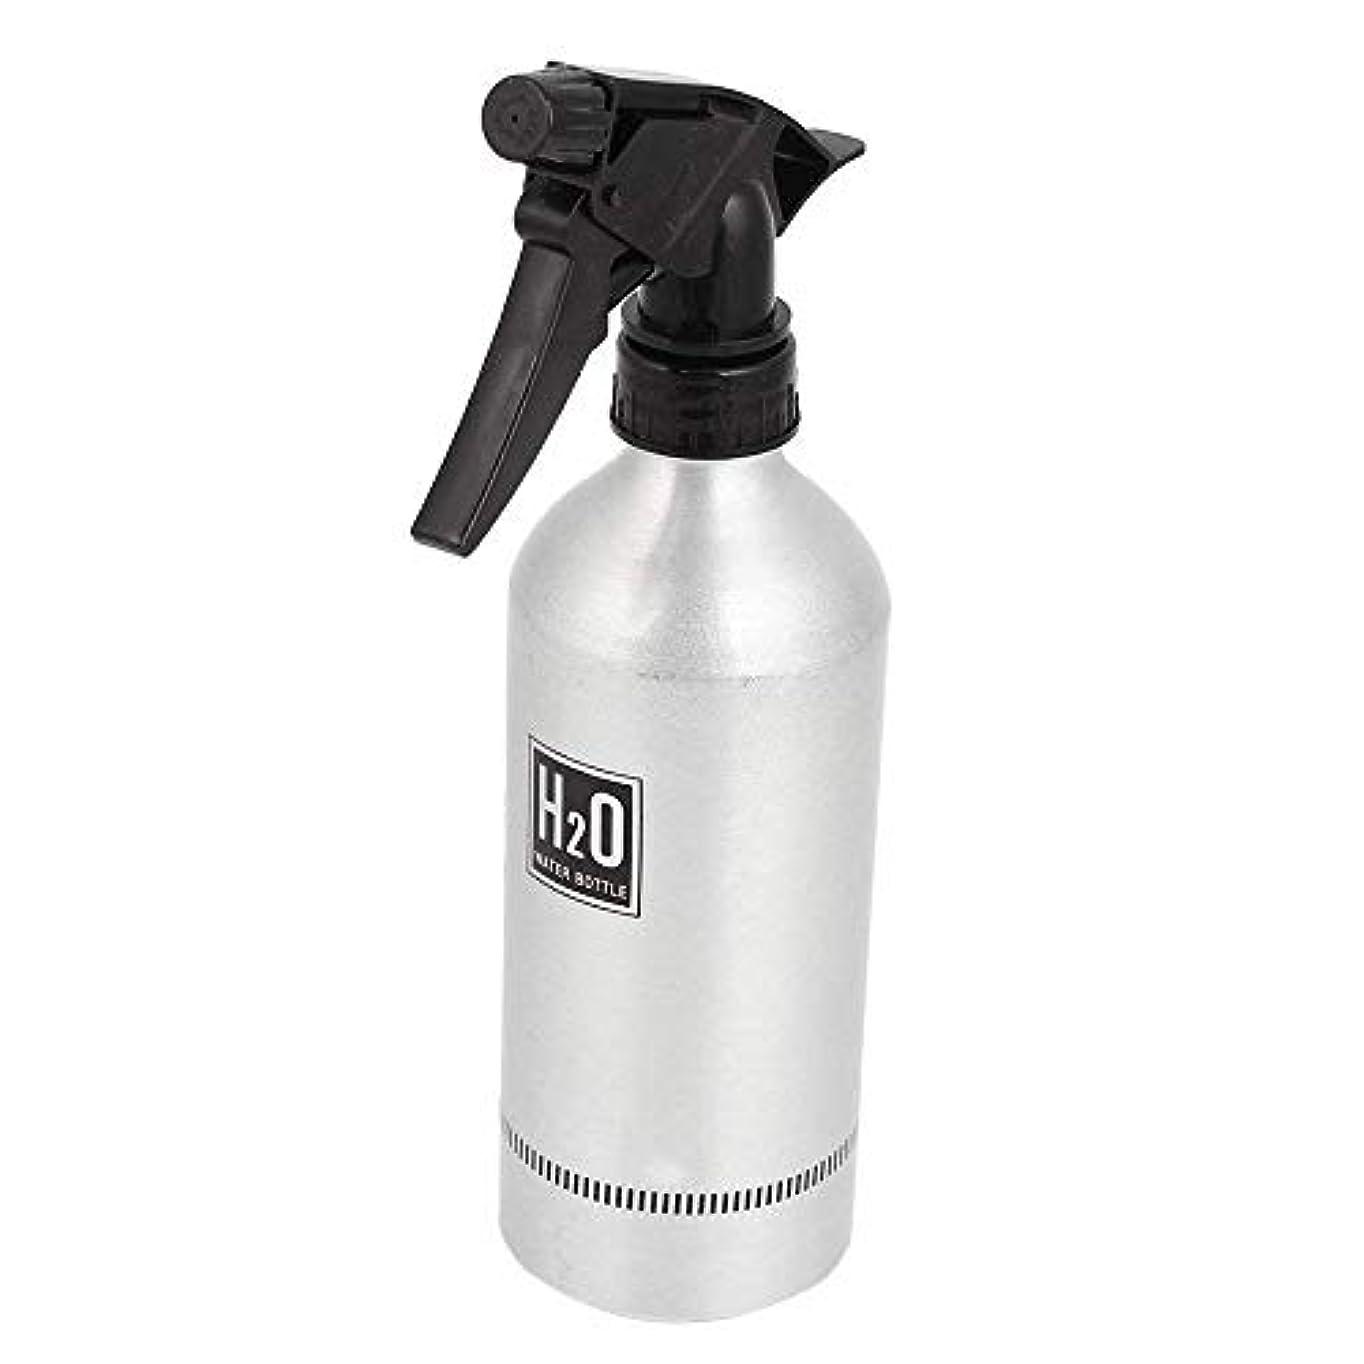 トリクル取り壊すカールOnior アルミ スプレー缶 水髪器 スプレー スプレーボトル 美容ツール サロン 理髪師 美容師 清潔 クリーニング 500ミリリットル